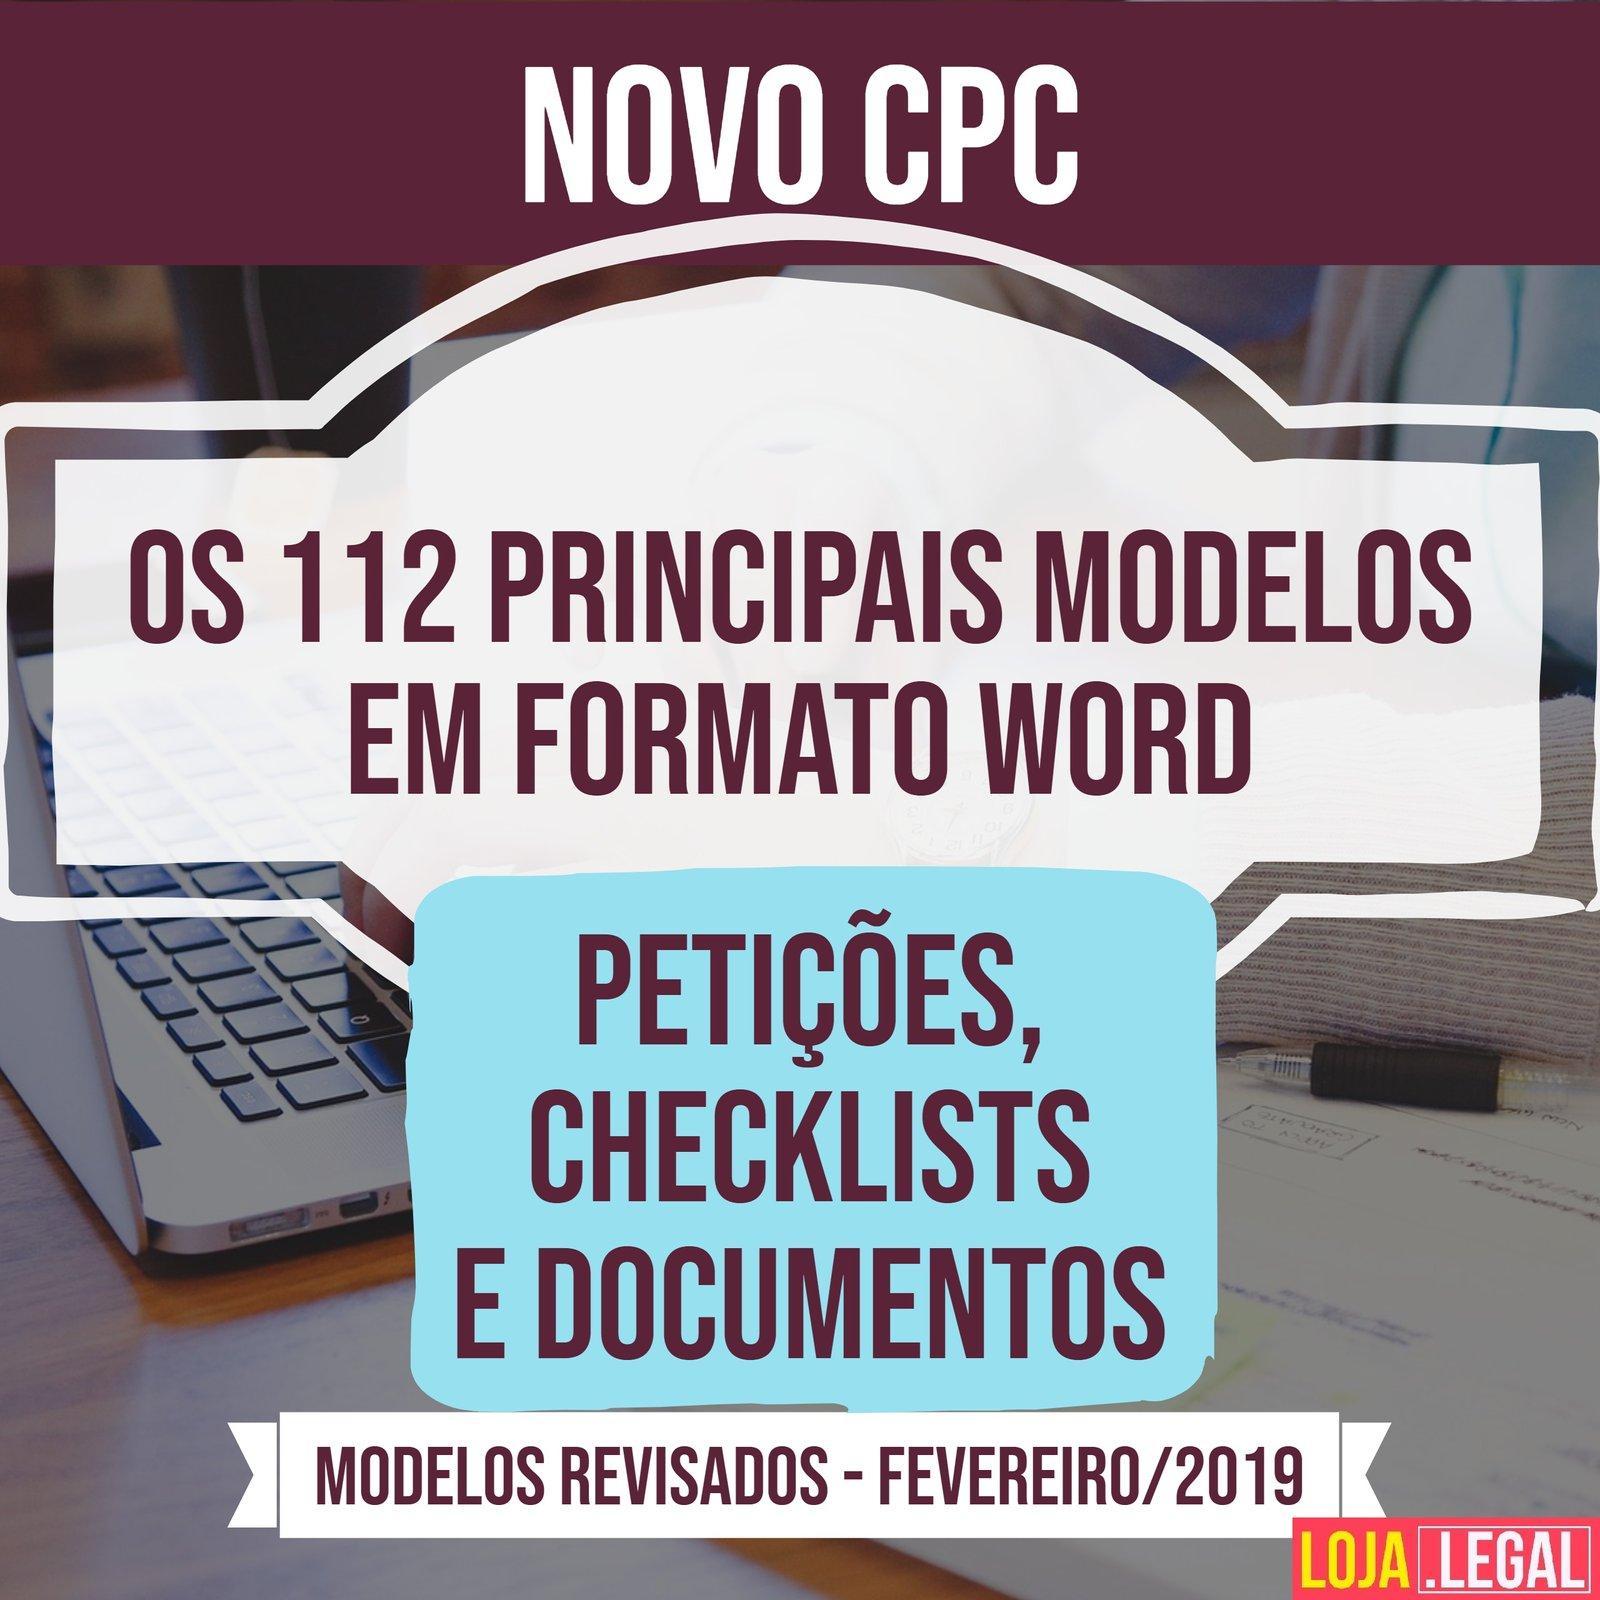 112 Modelos De Petições E Documentos Do Novo Código De Processo Civil Novo Cpc Revisados E Em Formato Microsoft Word 2019